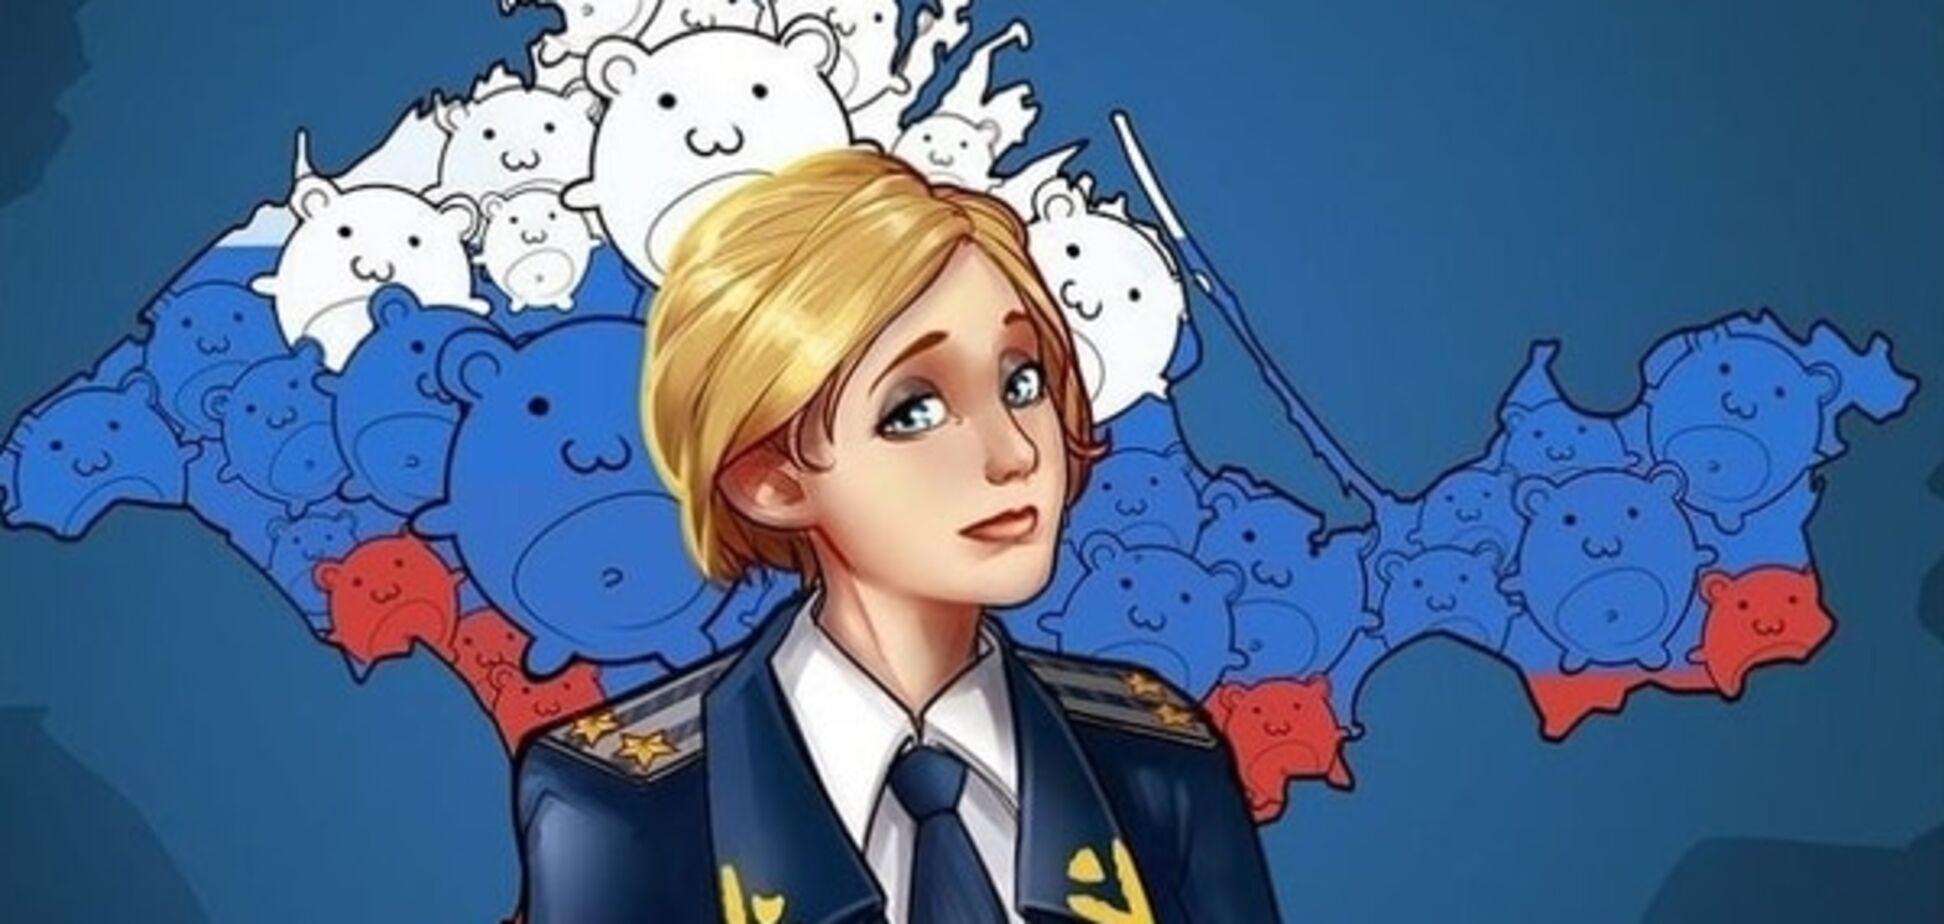 Няш-мяш, Меджліс не наш! Російський поет висміяв заборону 'прокурора' Криму